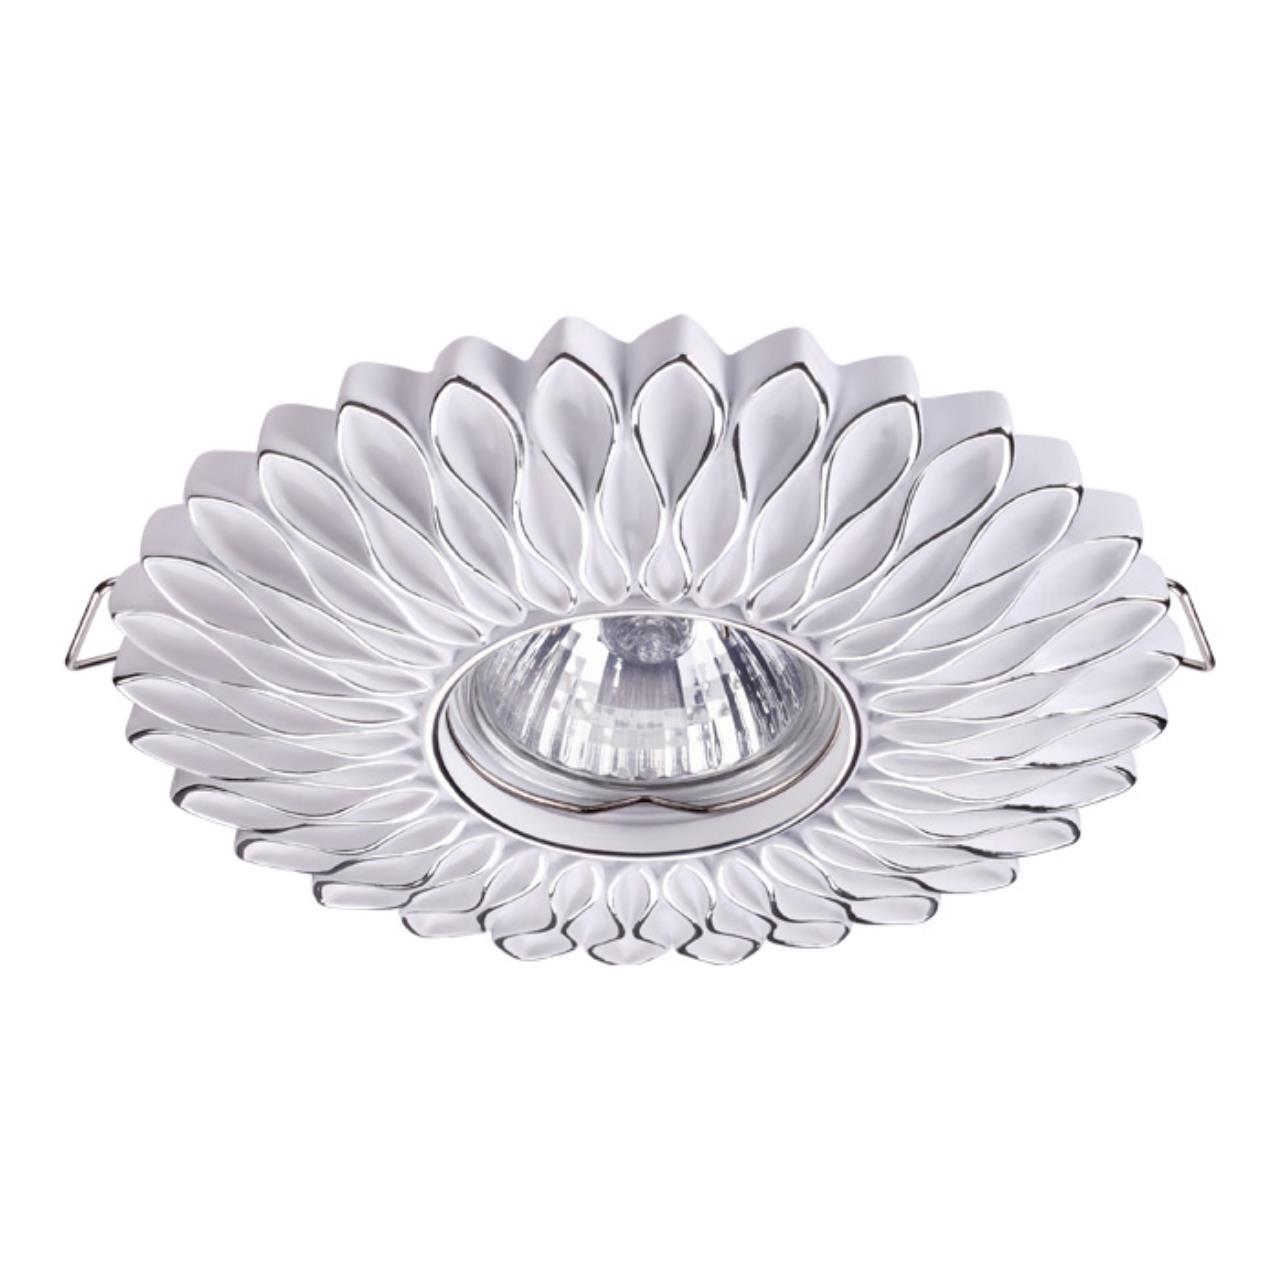 370490 SPOT NT19 115 белый/серебро Встраиваемый светильник IP20 GU10 50W 220V PATTERN